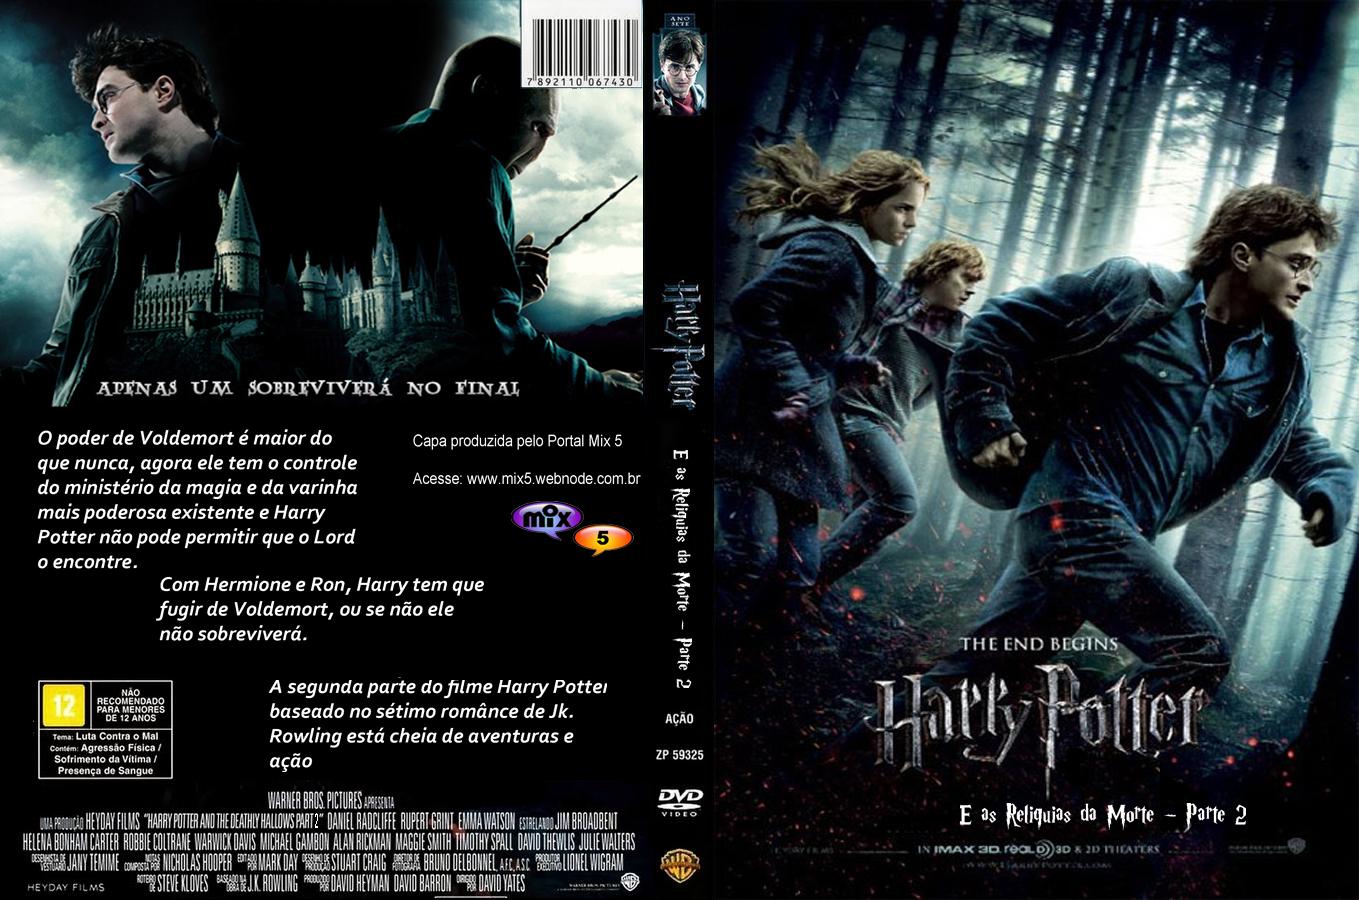 http://1.bp.blogspot.com/-6Xlm9iTIFlQ/TjbZ3WJNjOI/AAAAAAAAAbA/-ElWyHoo8po/s1600/Harry+Potter+Final.jpg